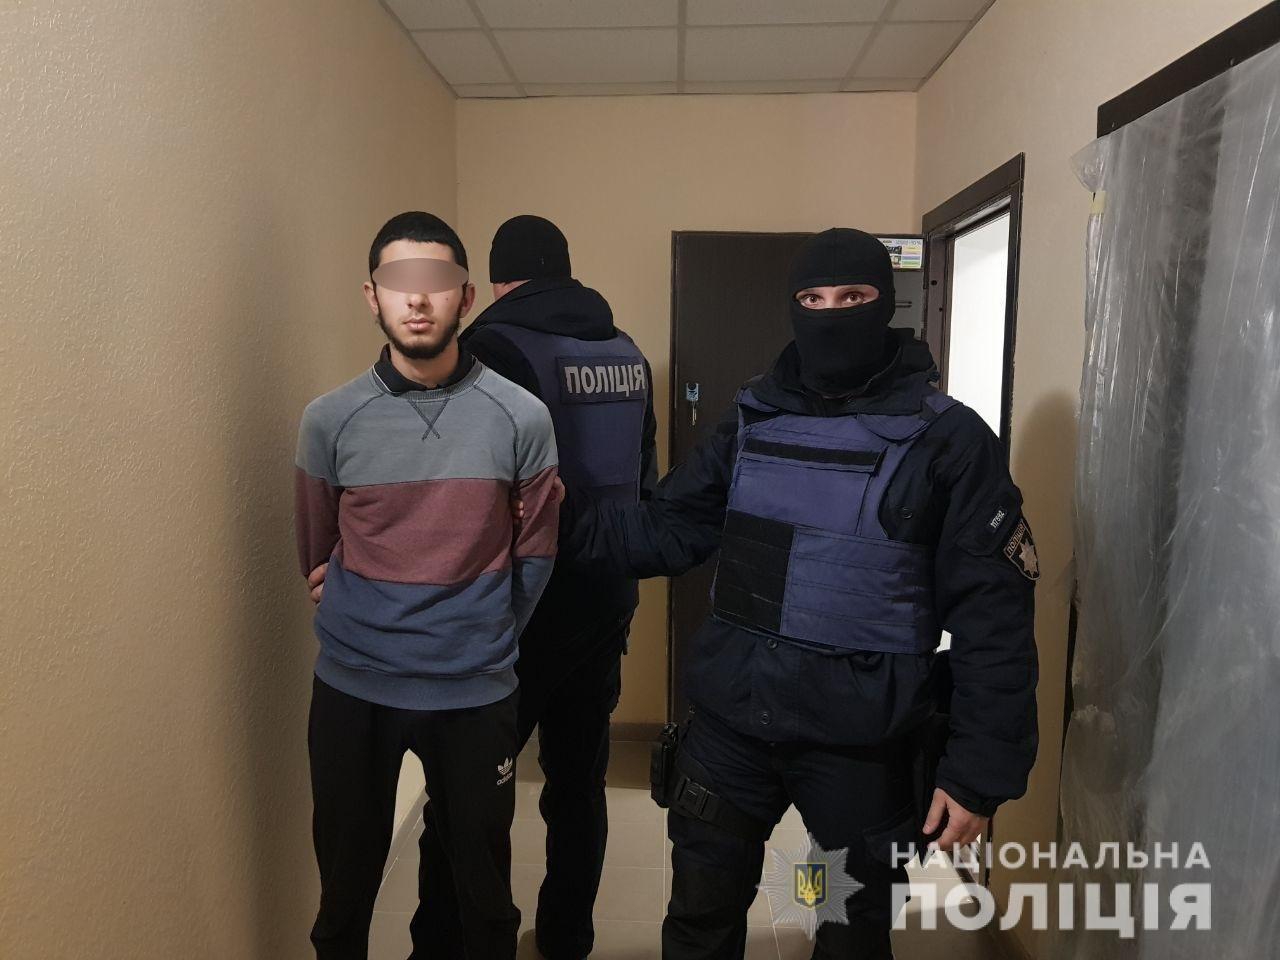 На Киевещине участник террористической организации ИГИЛ и его подельники  жестоко избили супругогов, мужчина погиб, фото-1